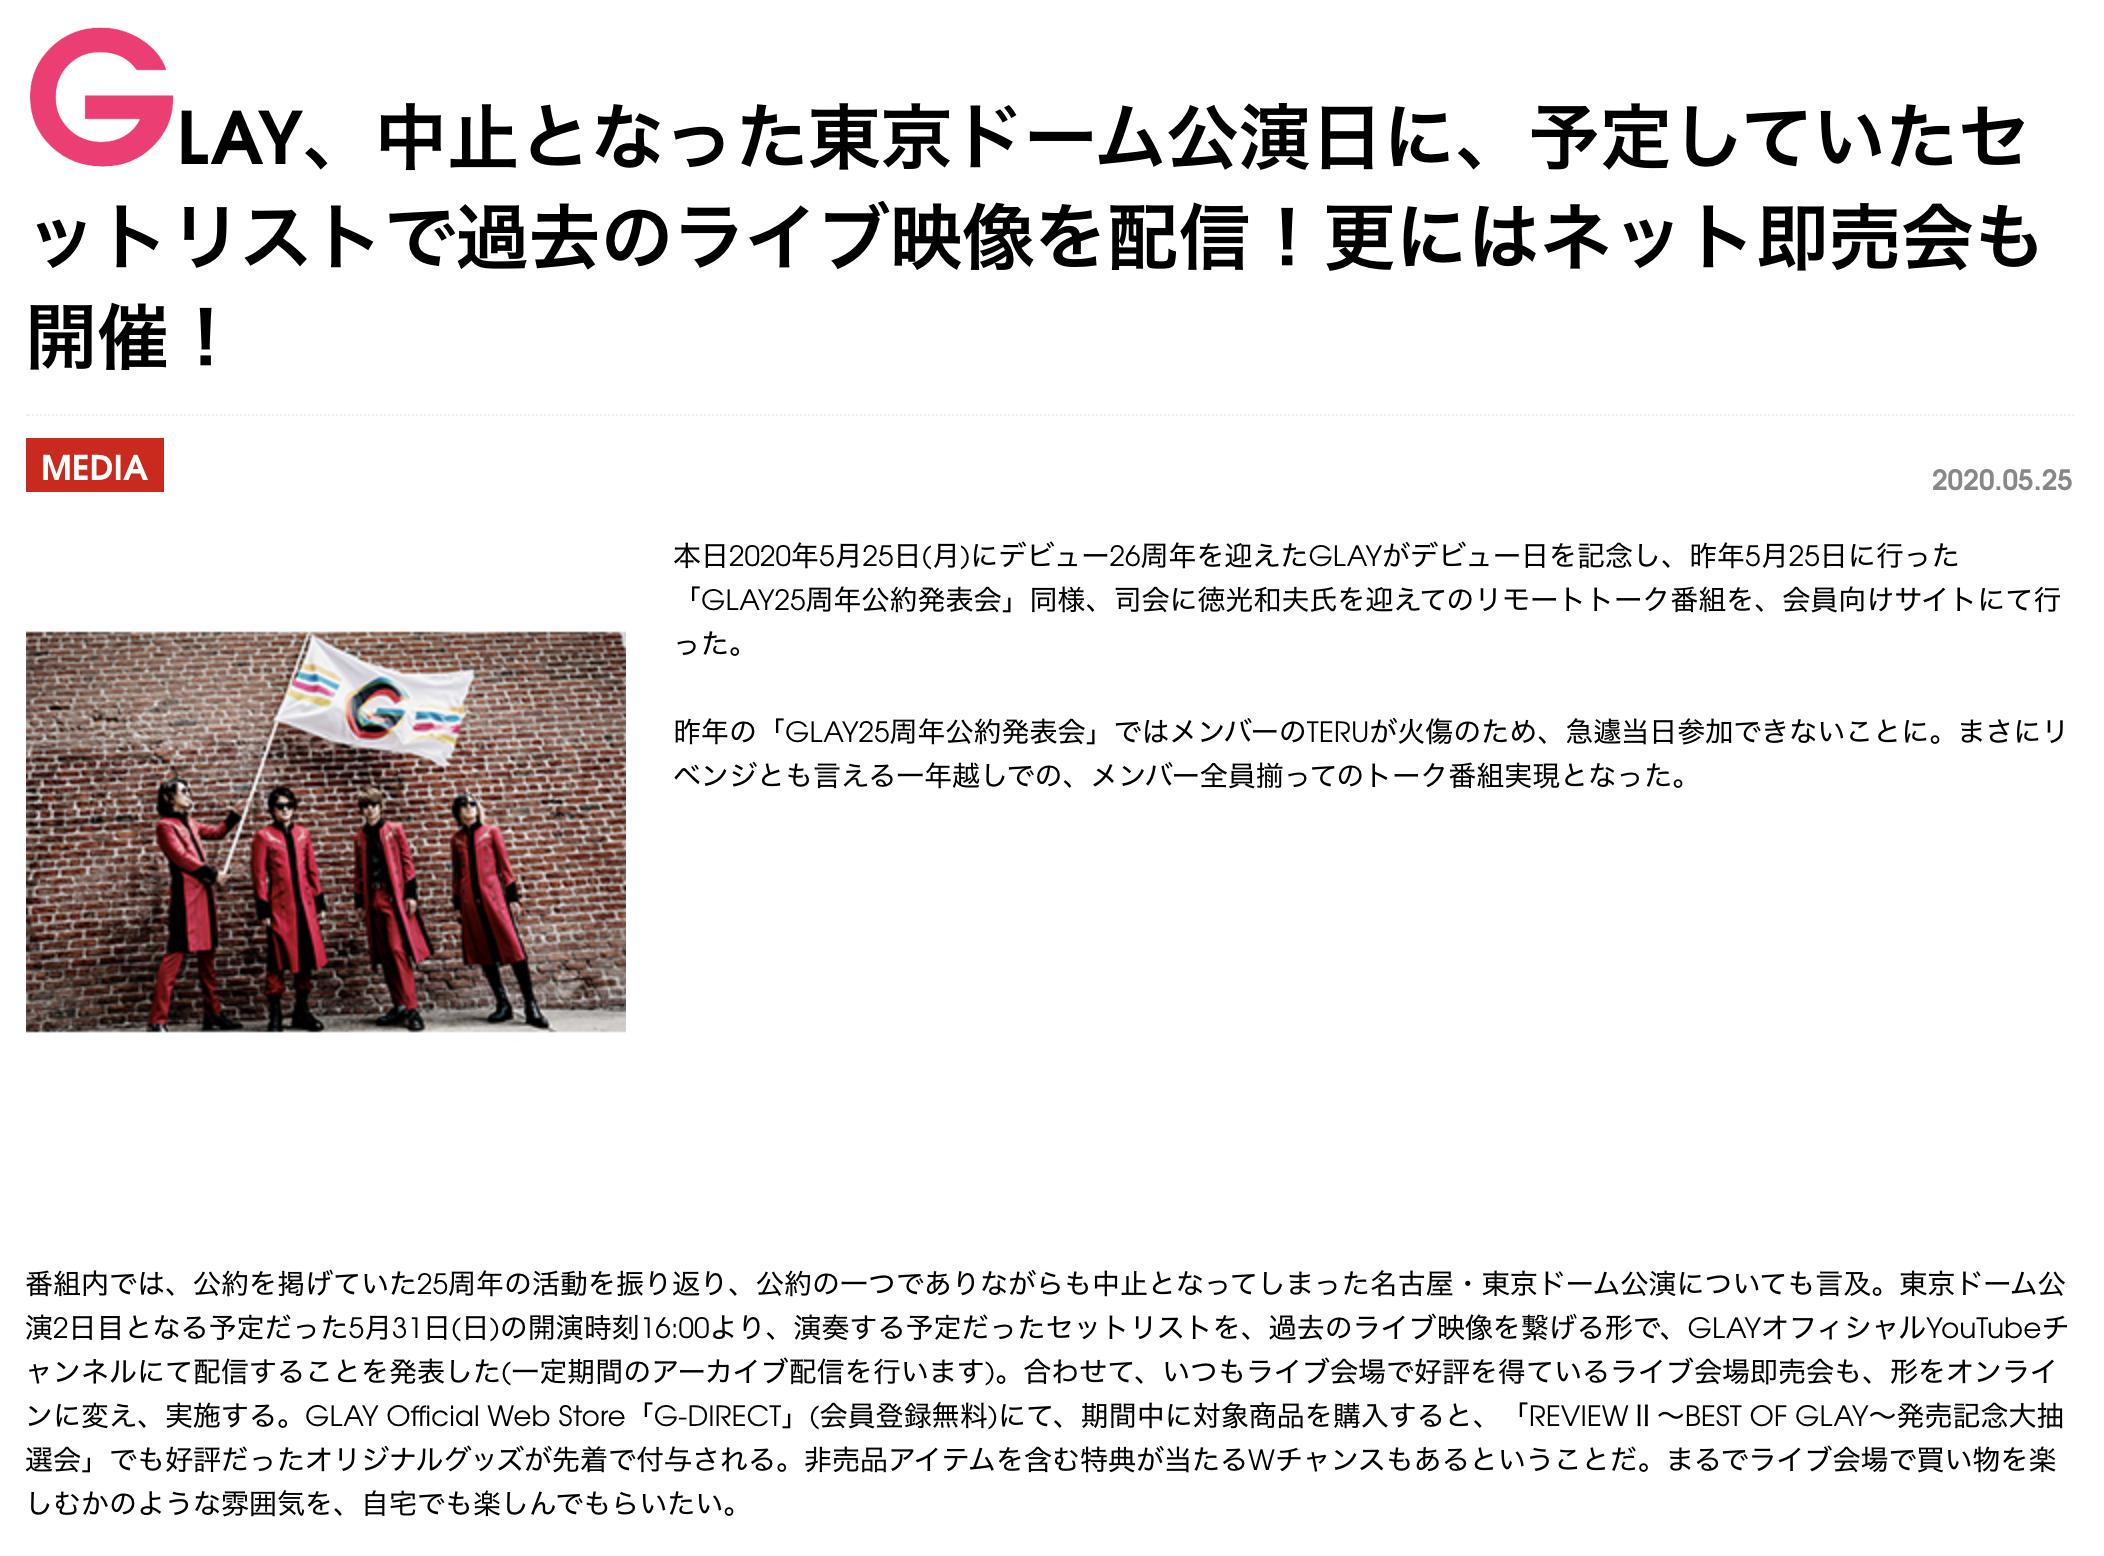 札幌 ドーム glay